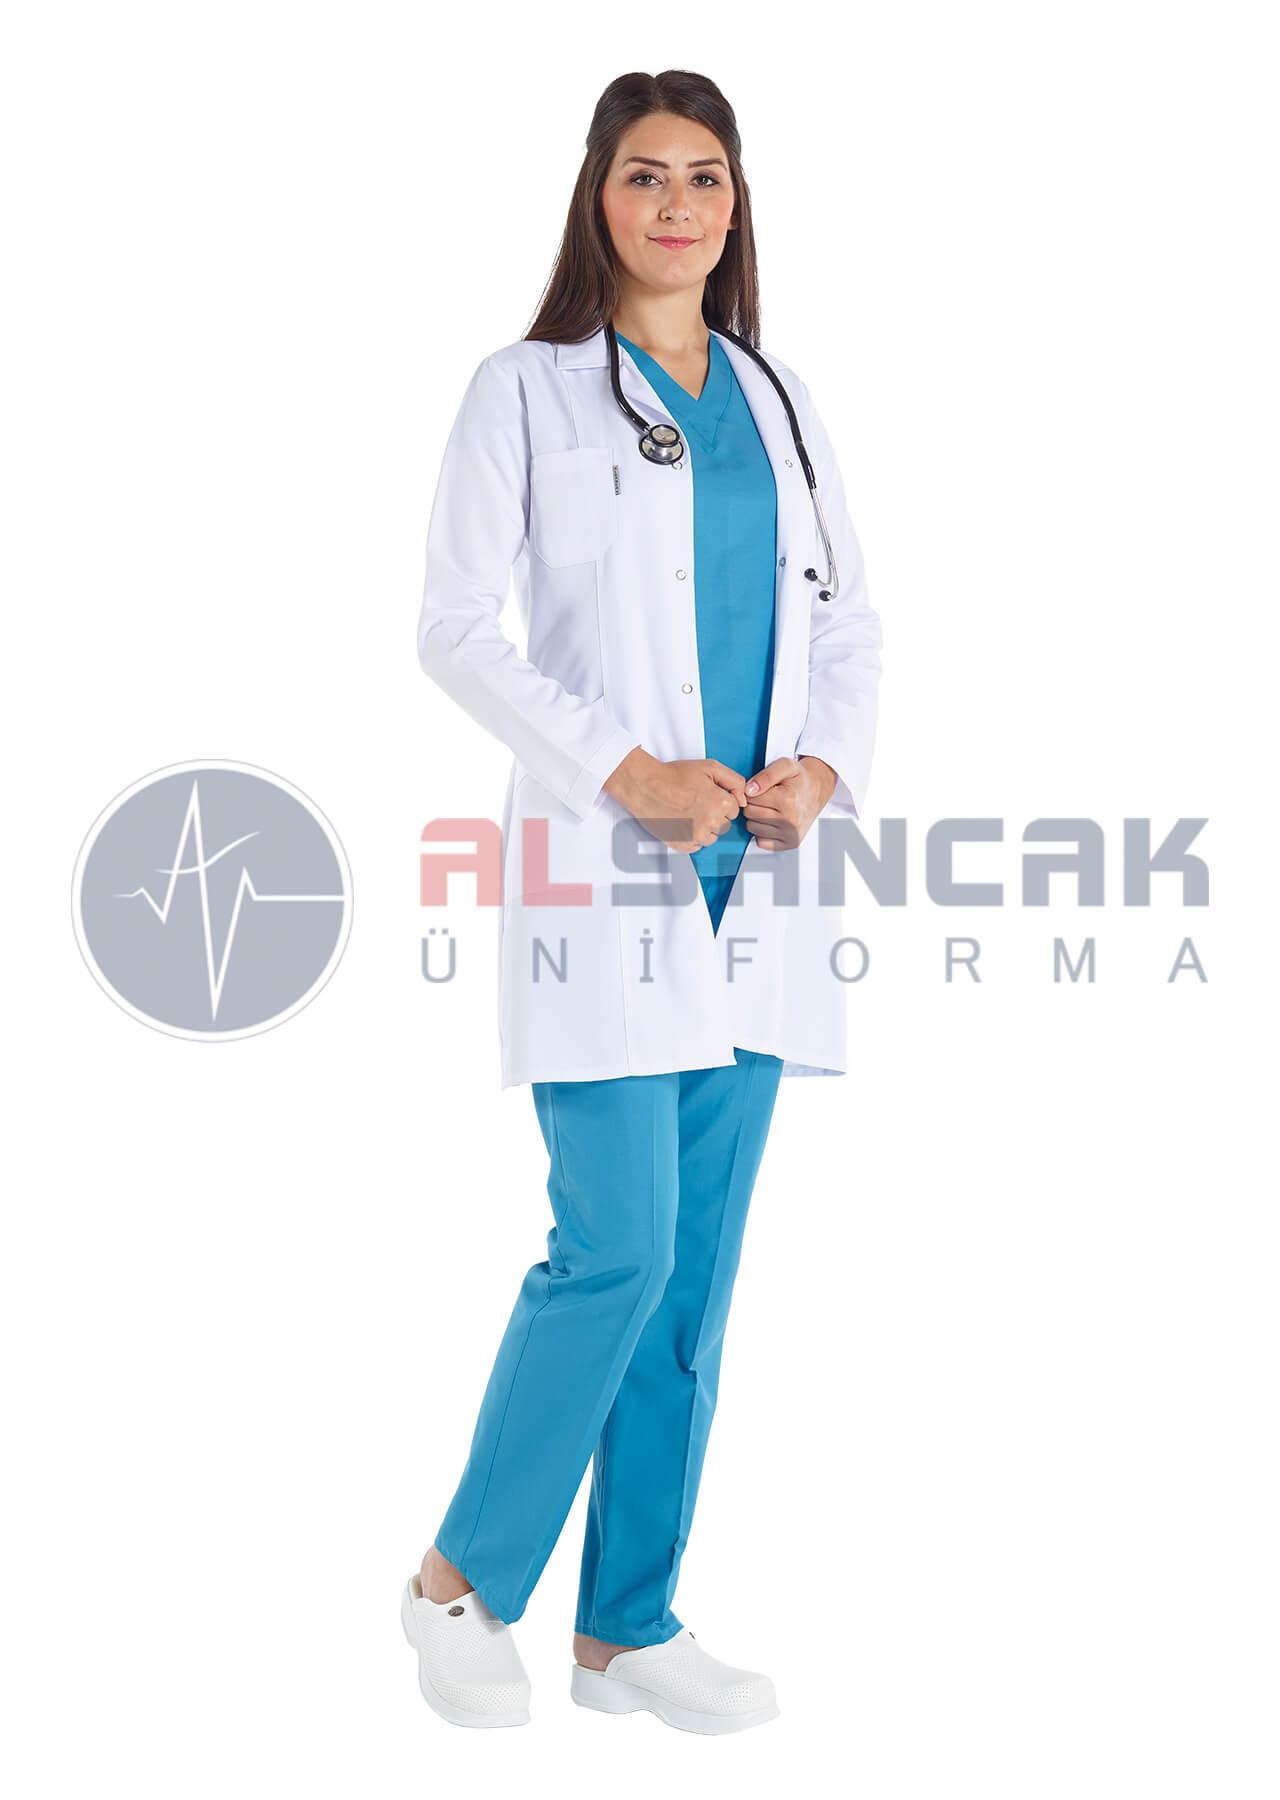 Kadın Doktor Önlüğü - Spor Yaka - Alpaka Kumaş - Uzun Kollu (fit kesim)